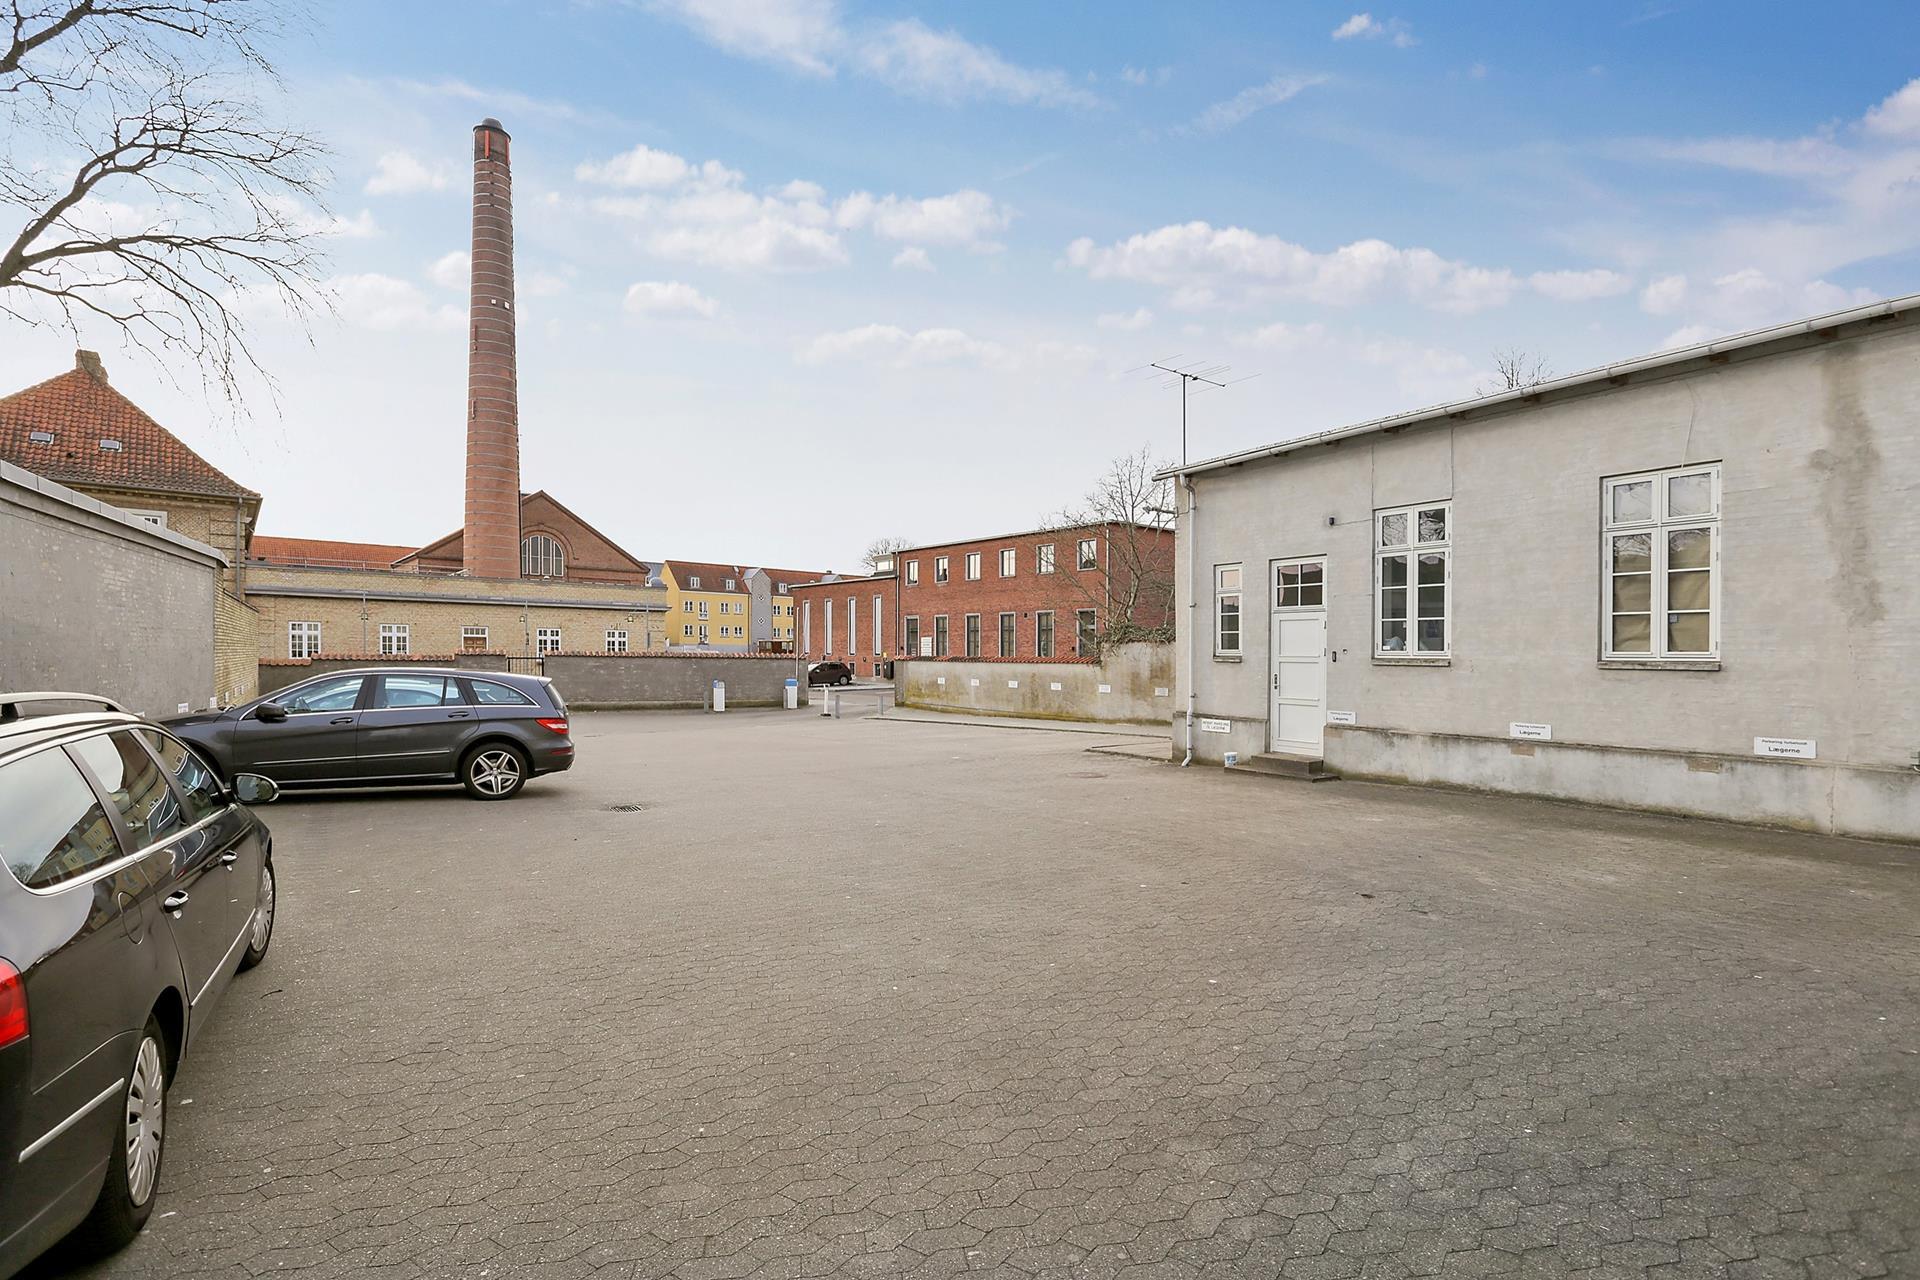 Bolig/erhverv på Nørregade i Haderslev - Terrasse